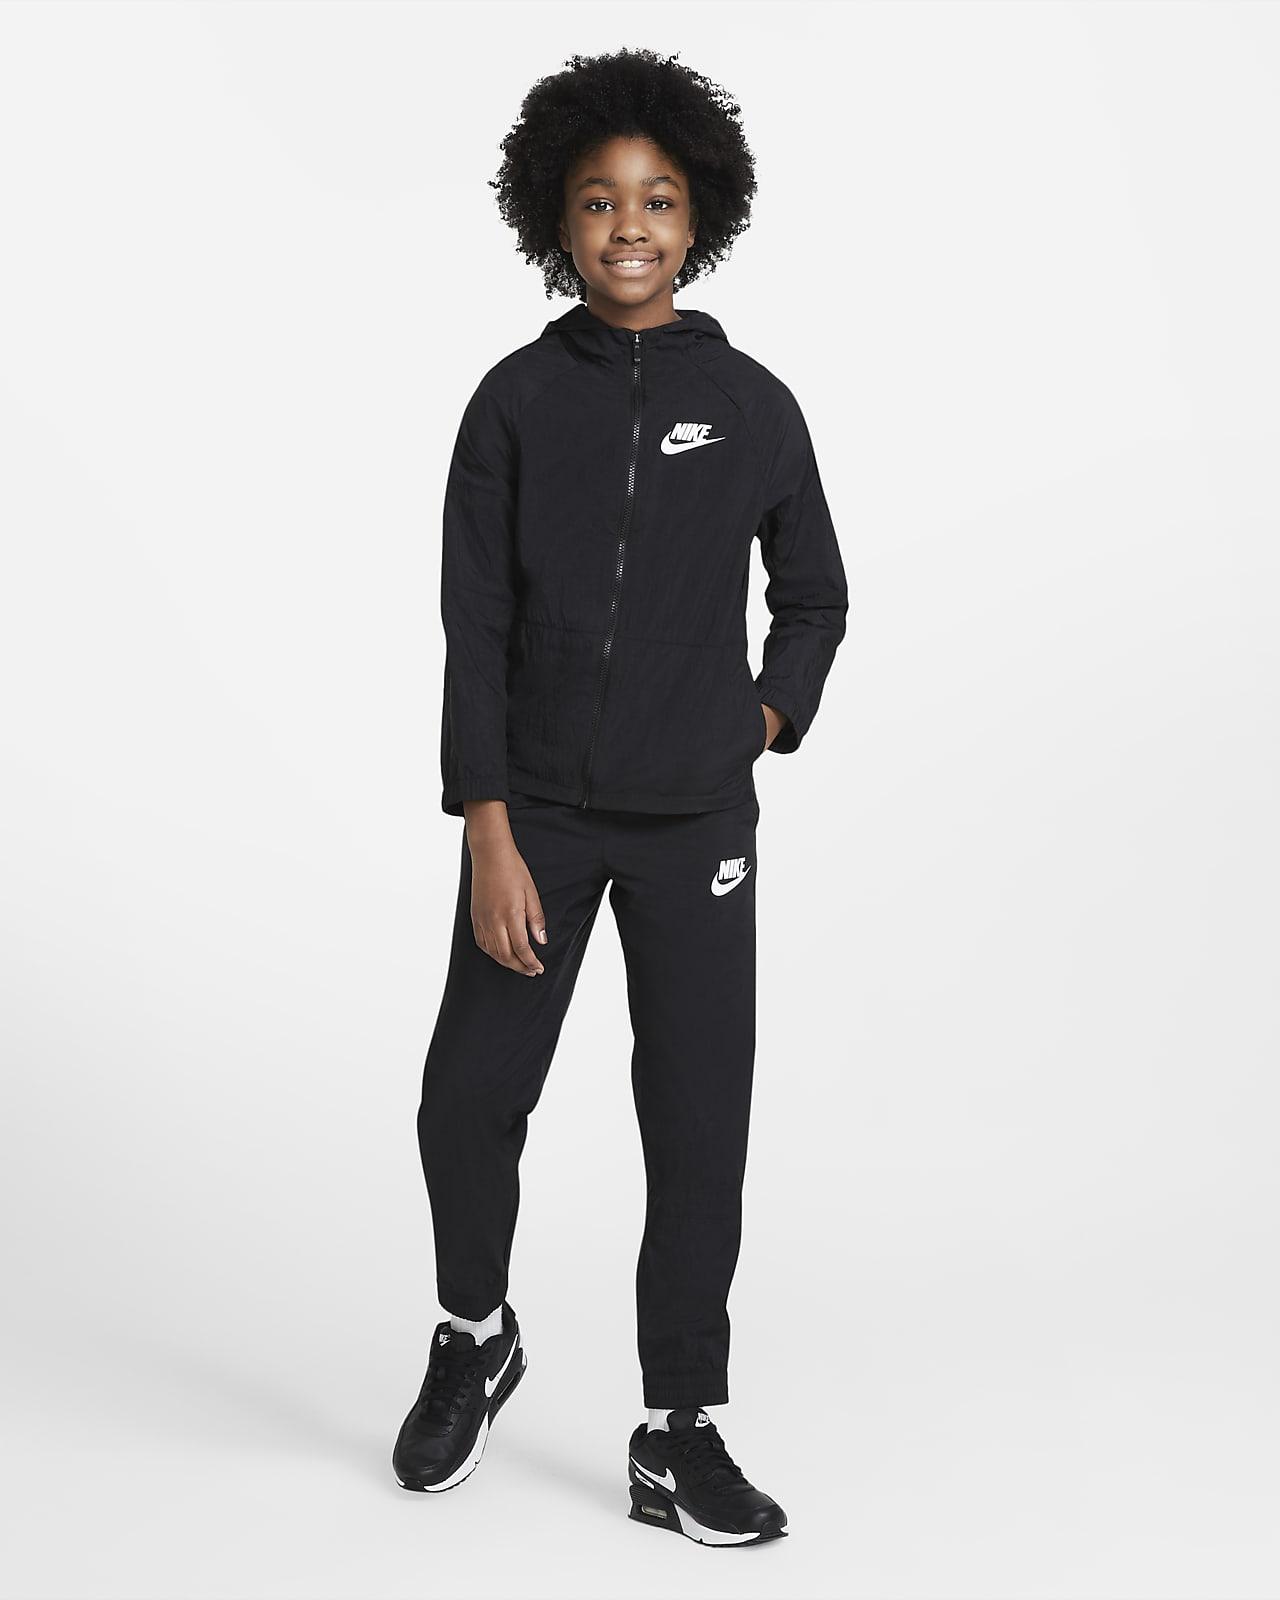 Nike Sportswear Older Kids' Woven Tracksuit